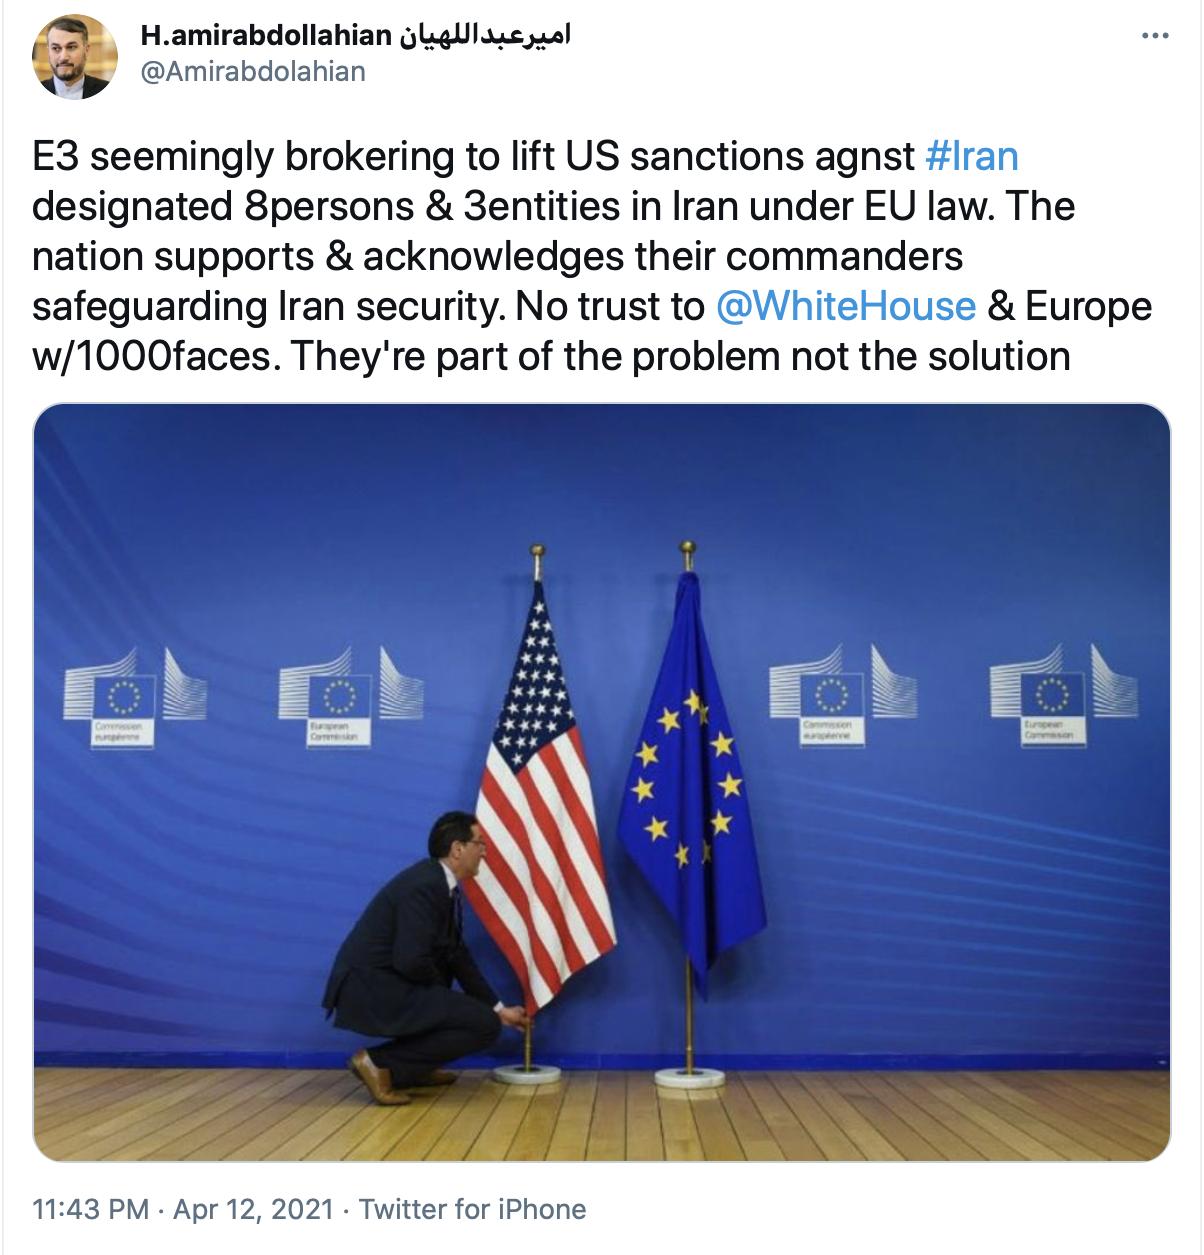 امیرعبداللهیان: به کاخ سفید و حاکمان اروپای هزار چهره اعتمادی نیست